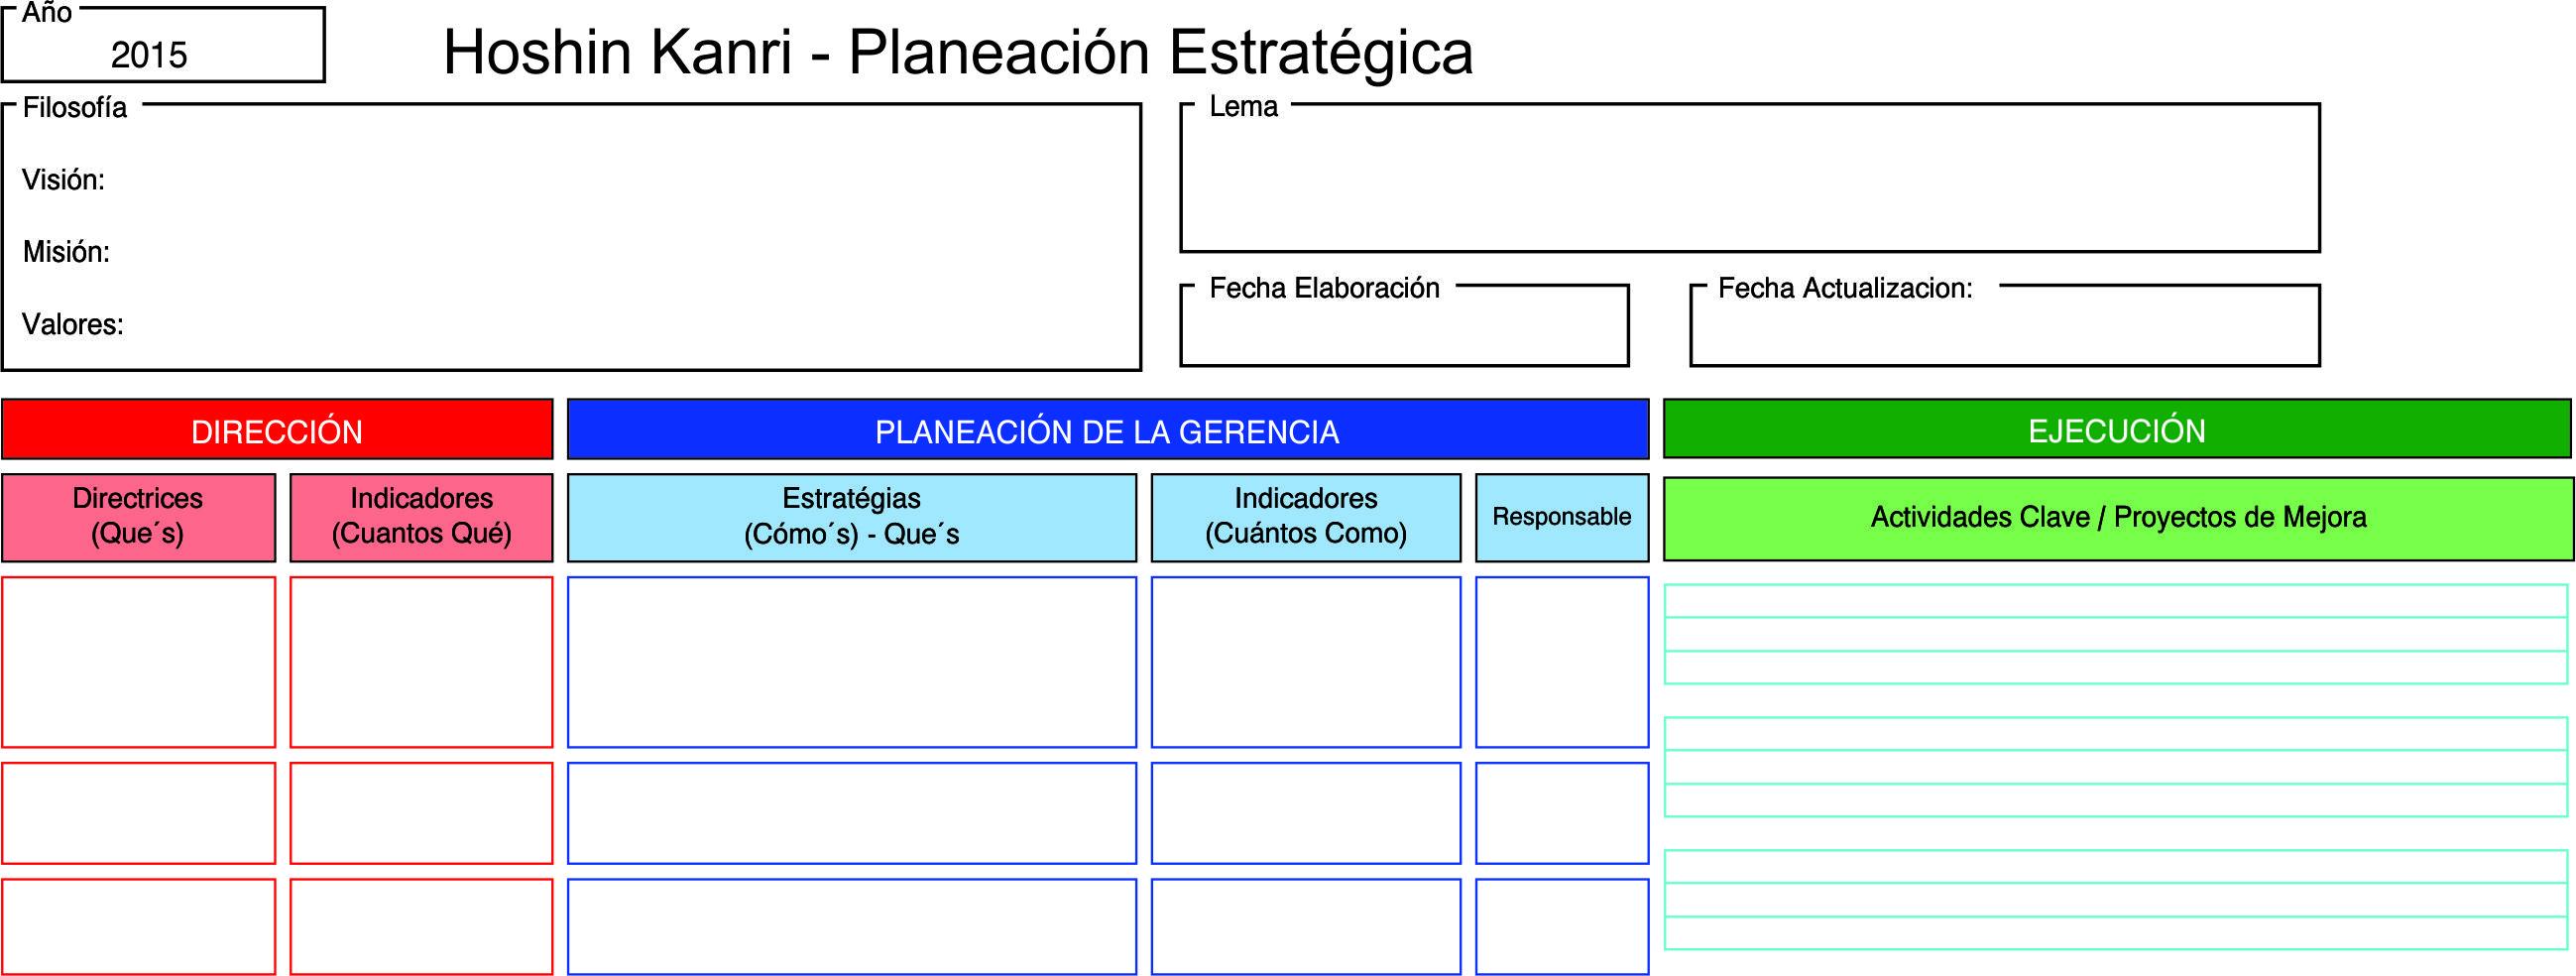 PLANIFICACION ESTRATEGICA PARTE II: TECNICA HOSHIN KANRI